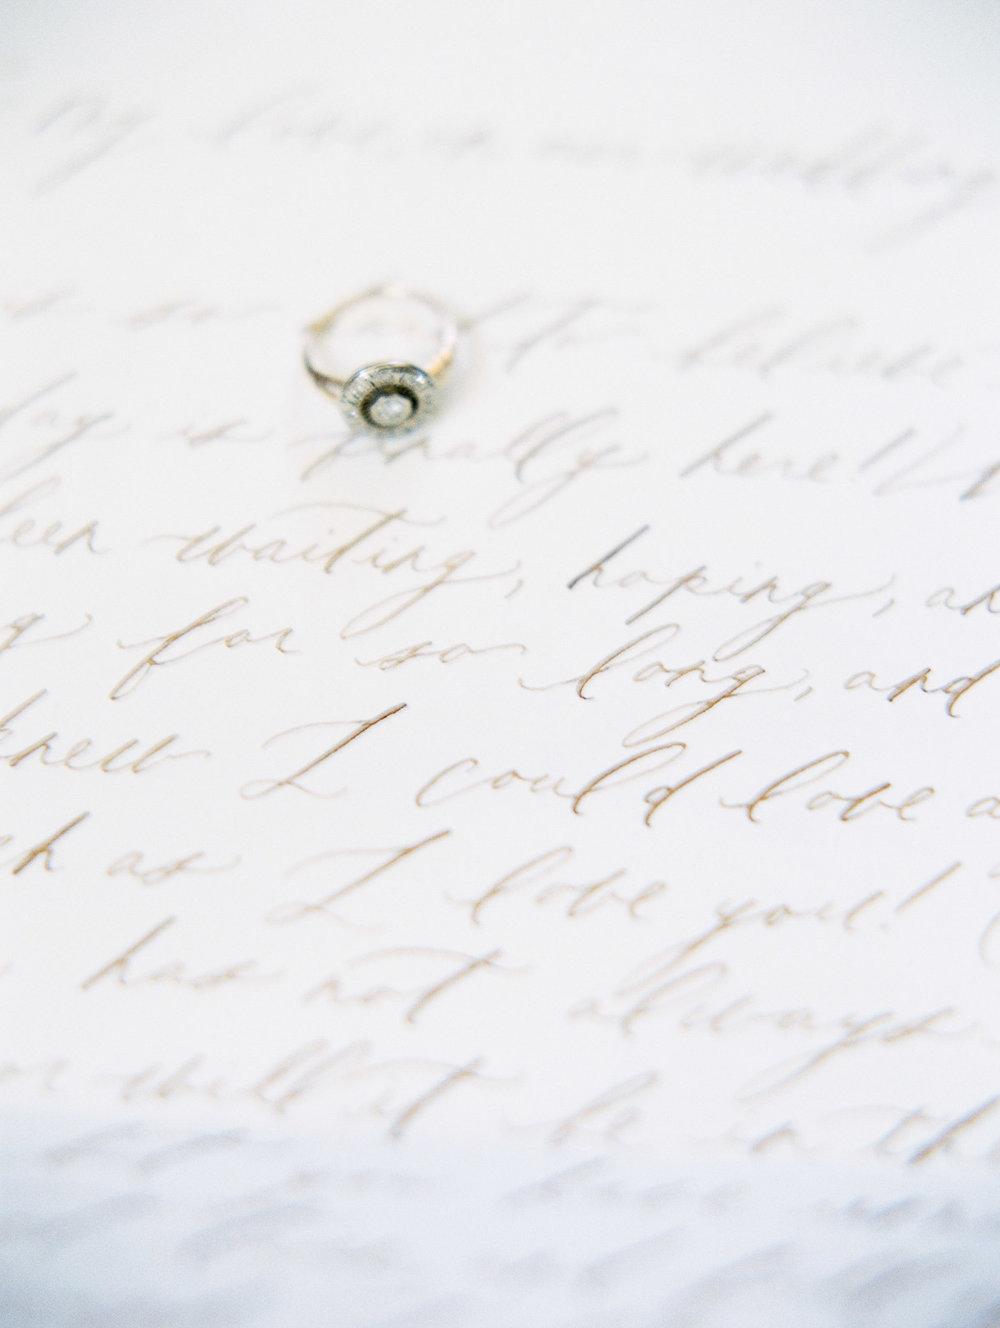 kestrel-park-wedding-photographer-47.jpg